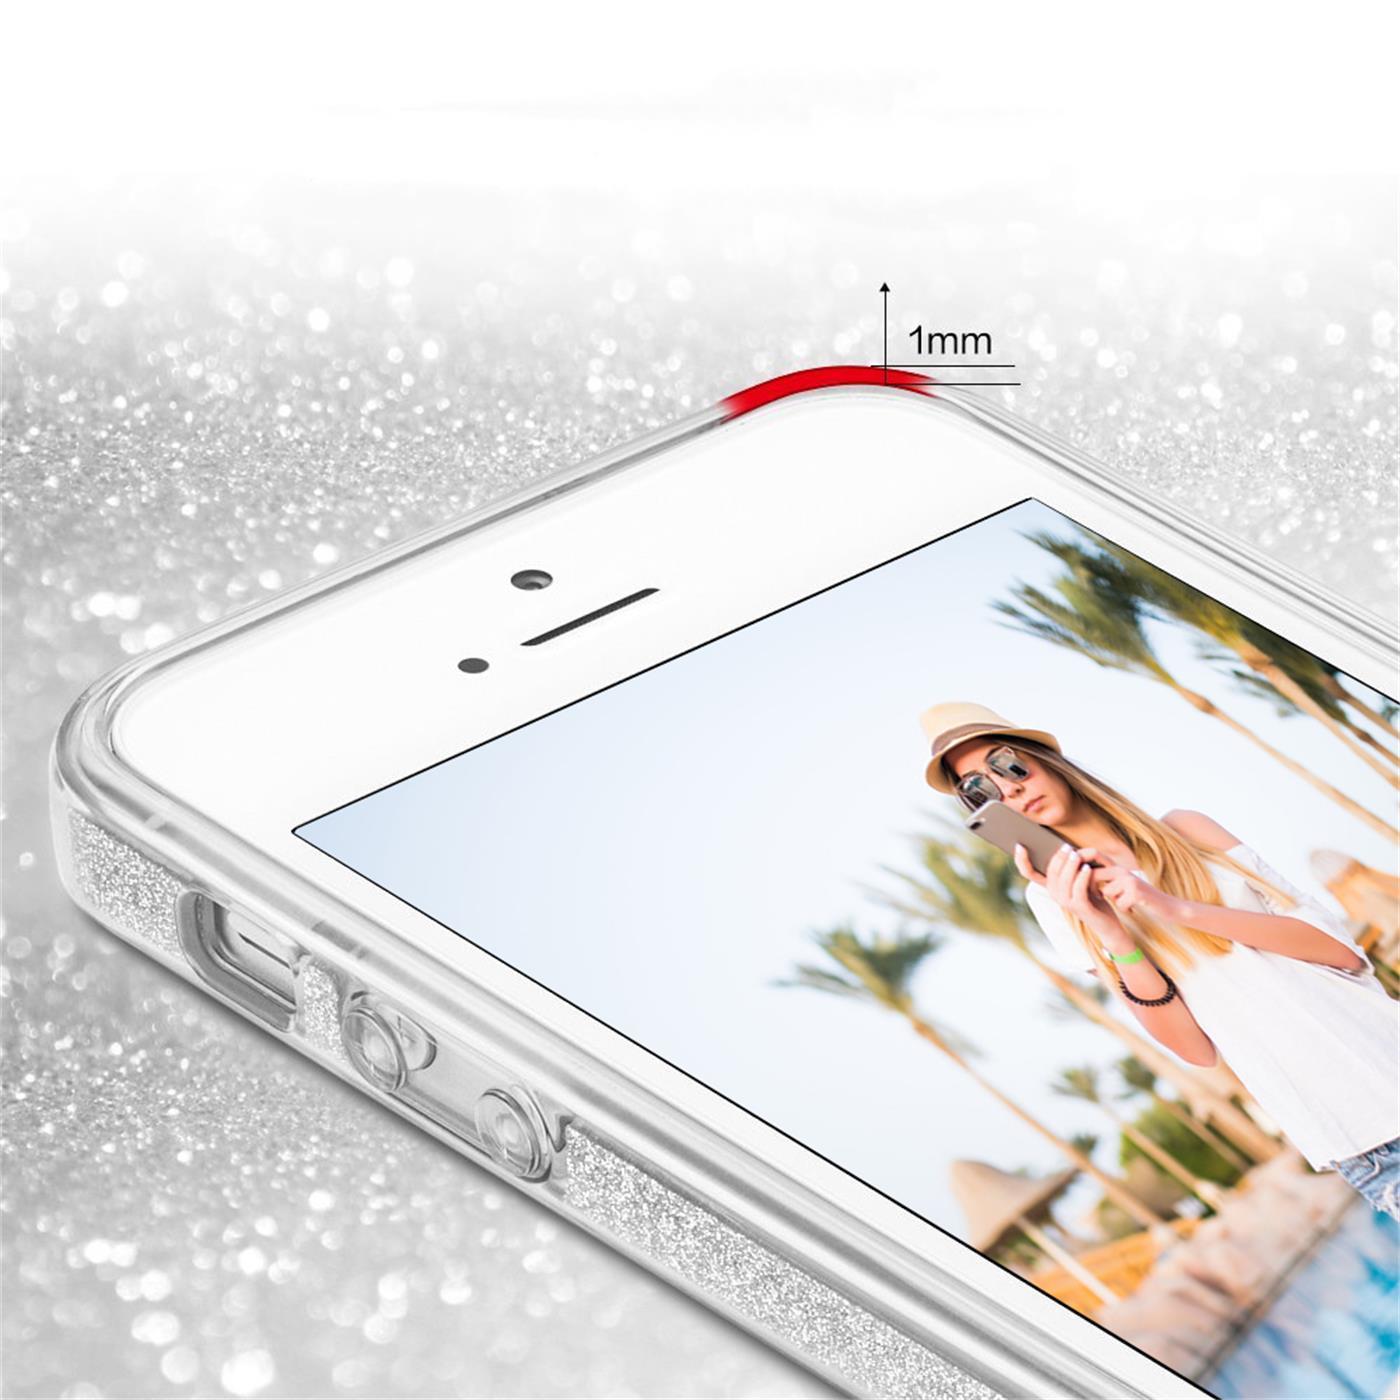 Handy-Glitzer-Huelle-fuer-Apple-iPhone-Slim-TPU-Cover-Case-Silikon-Schutz-Tasche Indexbild 19